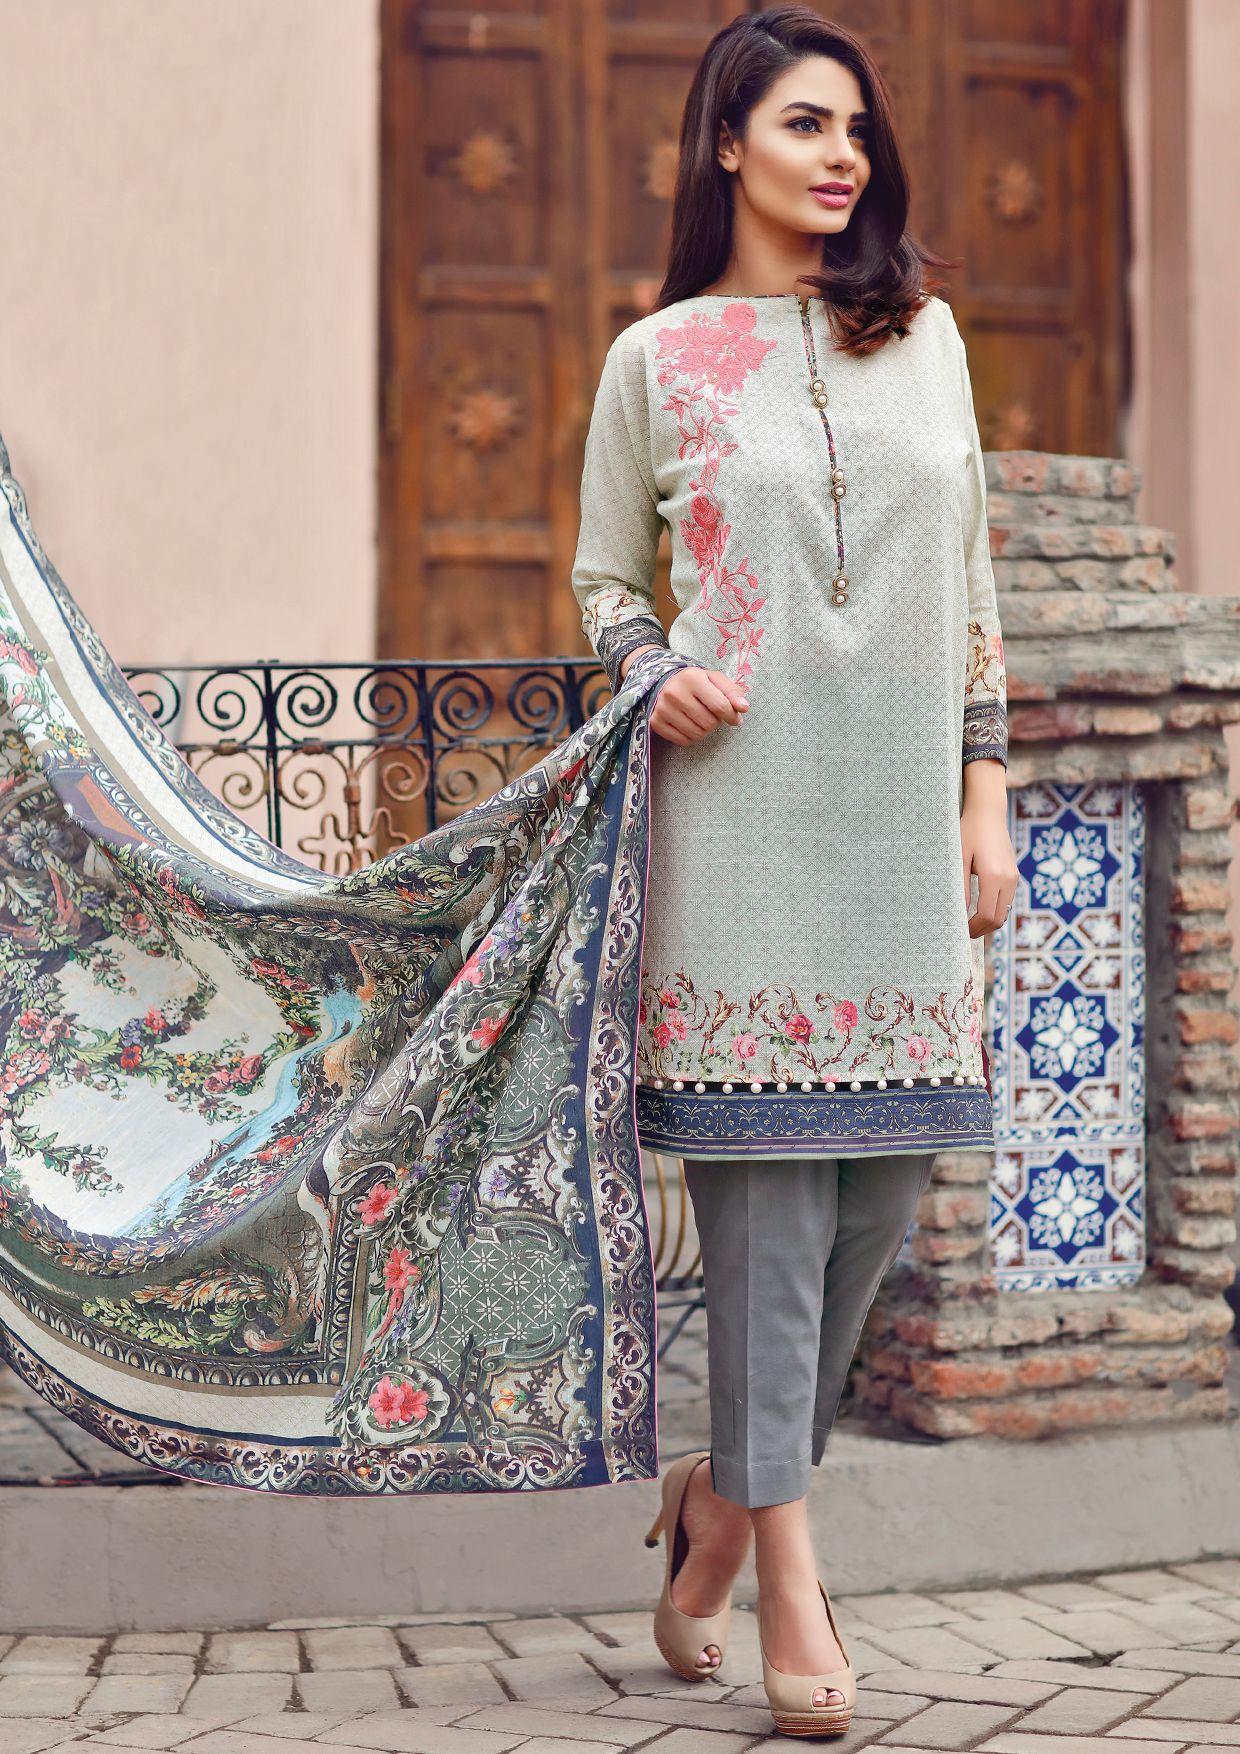 Khaddi Original Latest 2019-Printed Satin Kurta-Pakistani Wear-Sizes 12-16